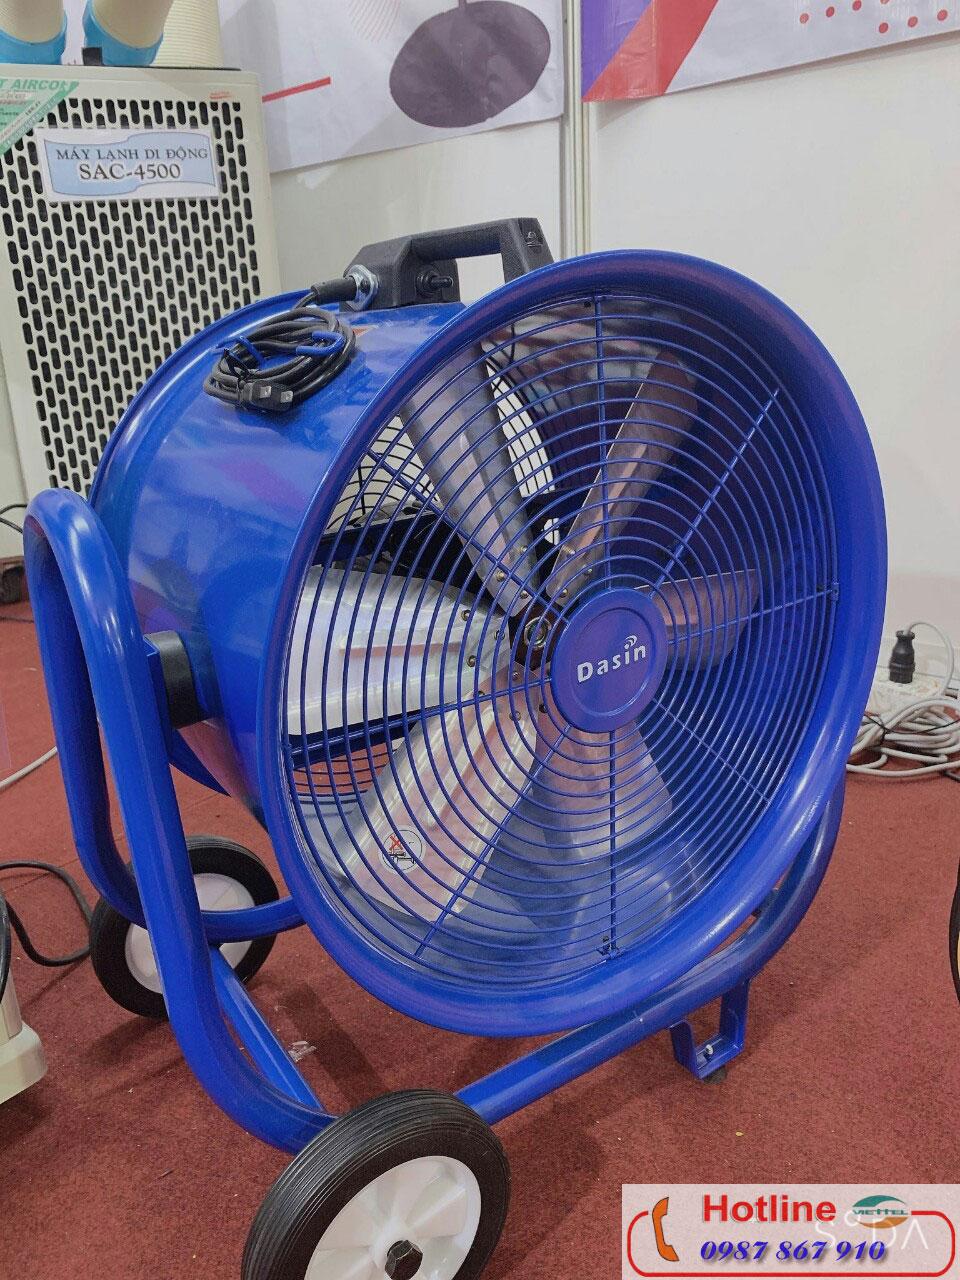 Hình ảnh thật của sản phẩm quạt hút công nghiệp Dasin Kin 500